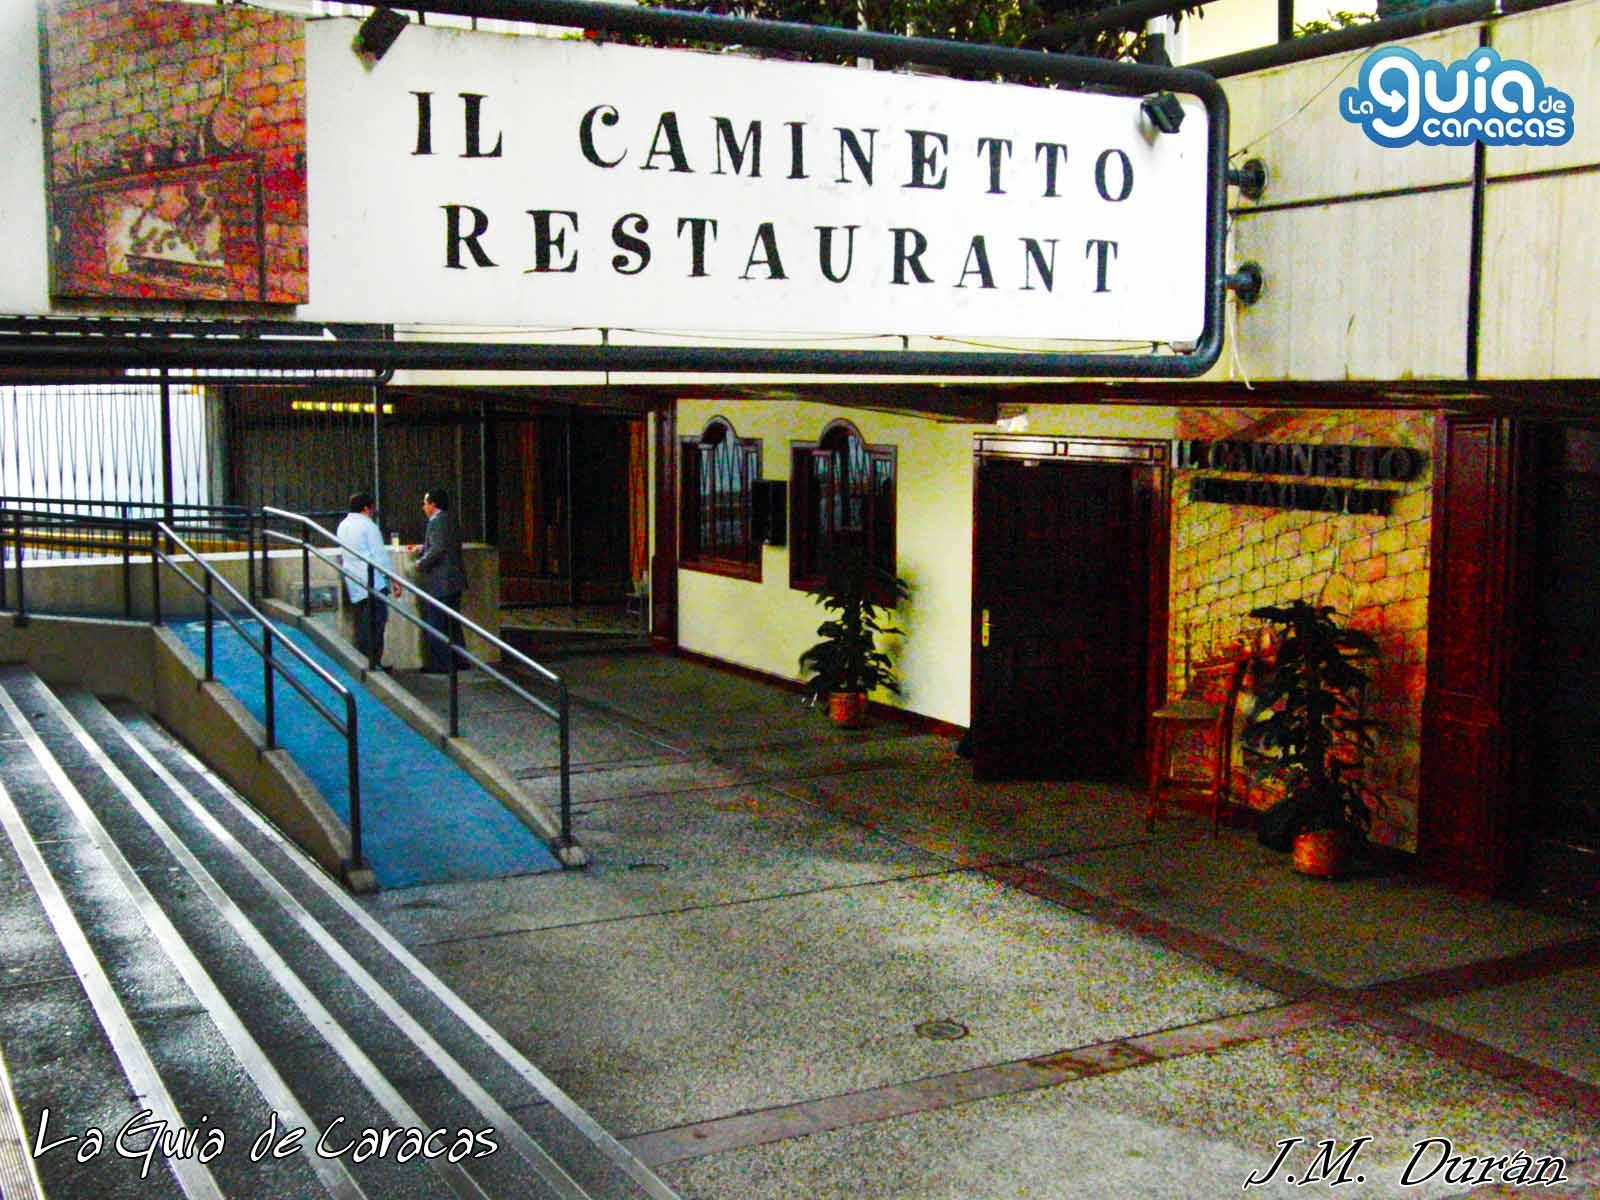 Restaurante Il Caminetto